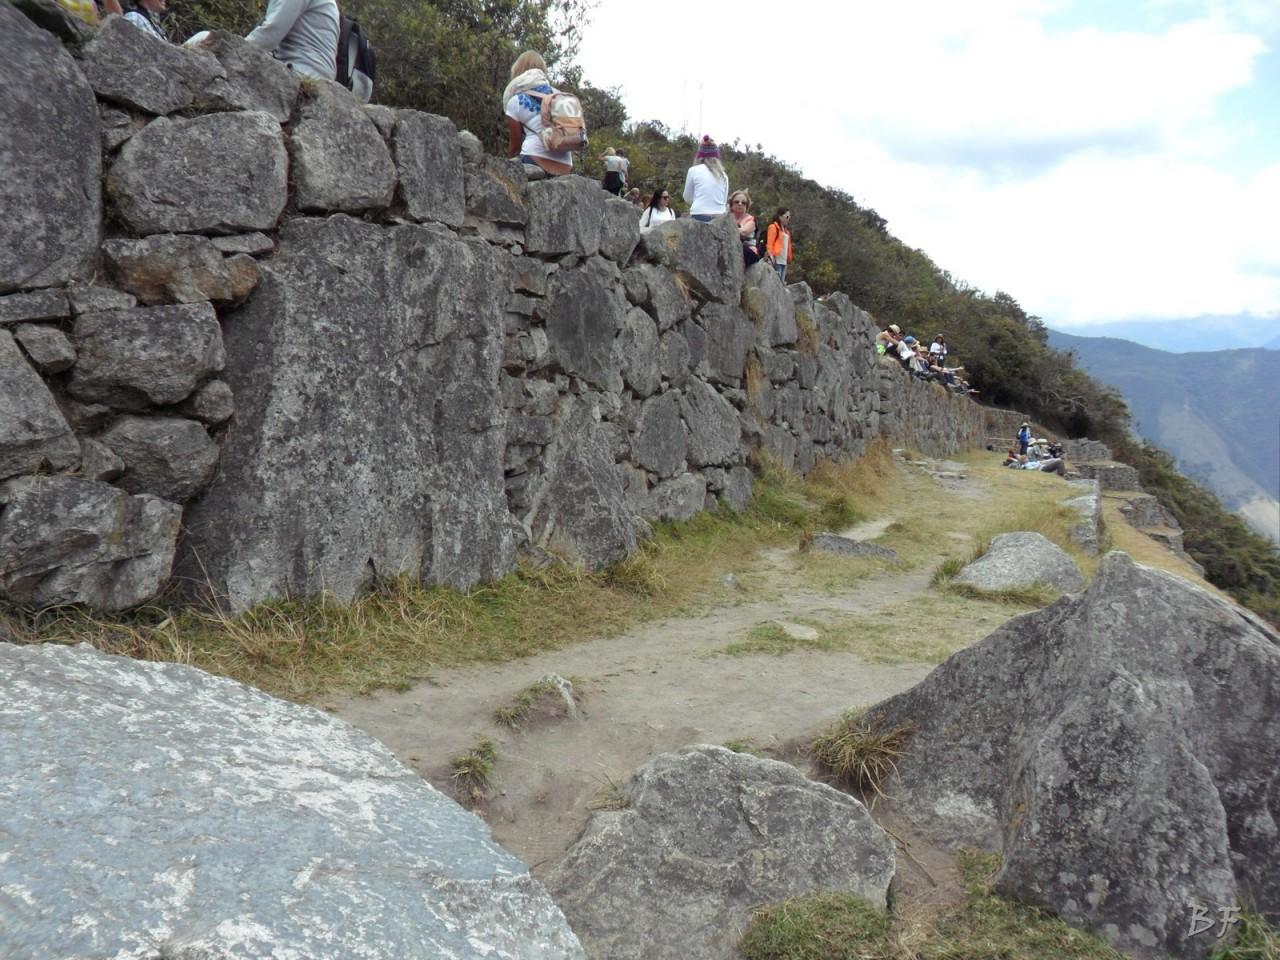 Mura-Poligonali-Incisioni-Altari-Edifici-Rupestri-Megaliti-Machu-Picchu-Aguas-Calientes-Urubamba-Cusco-Perù-72